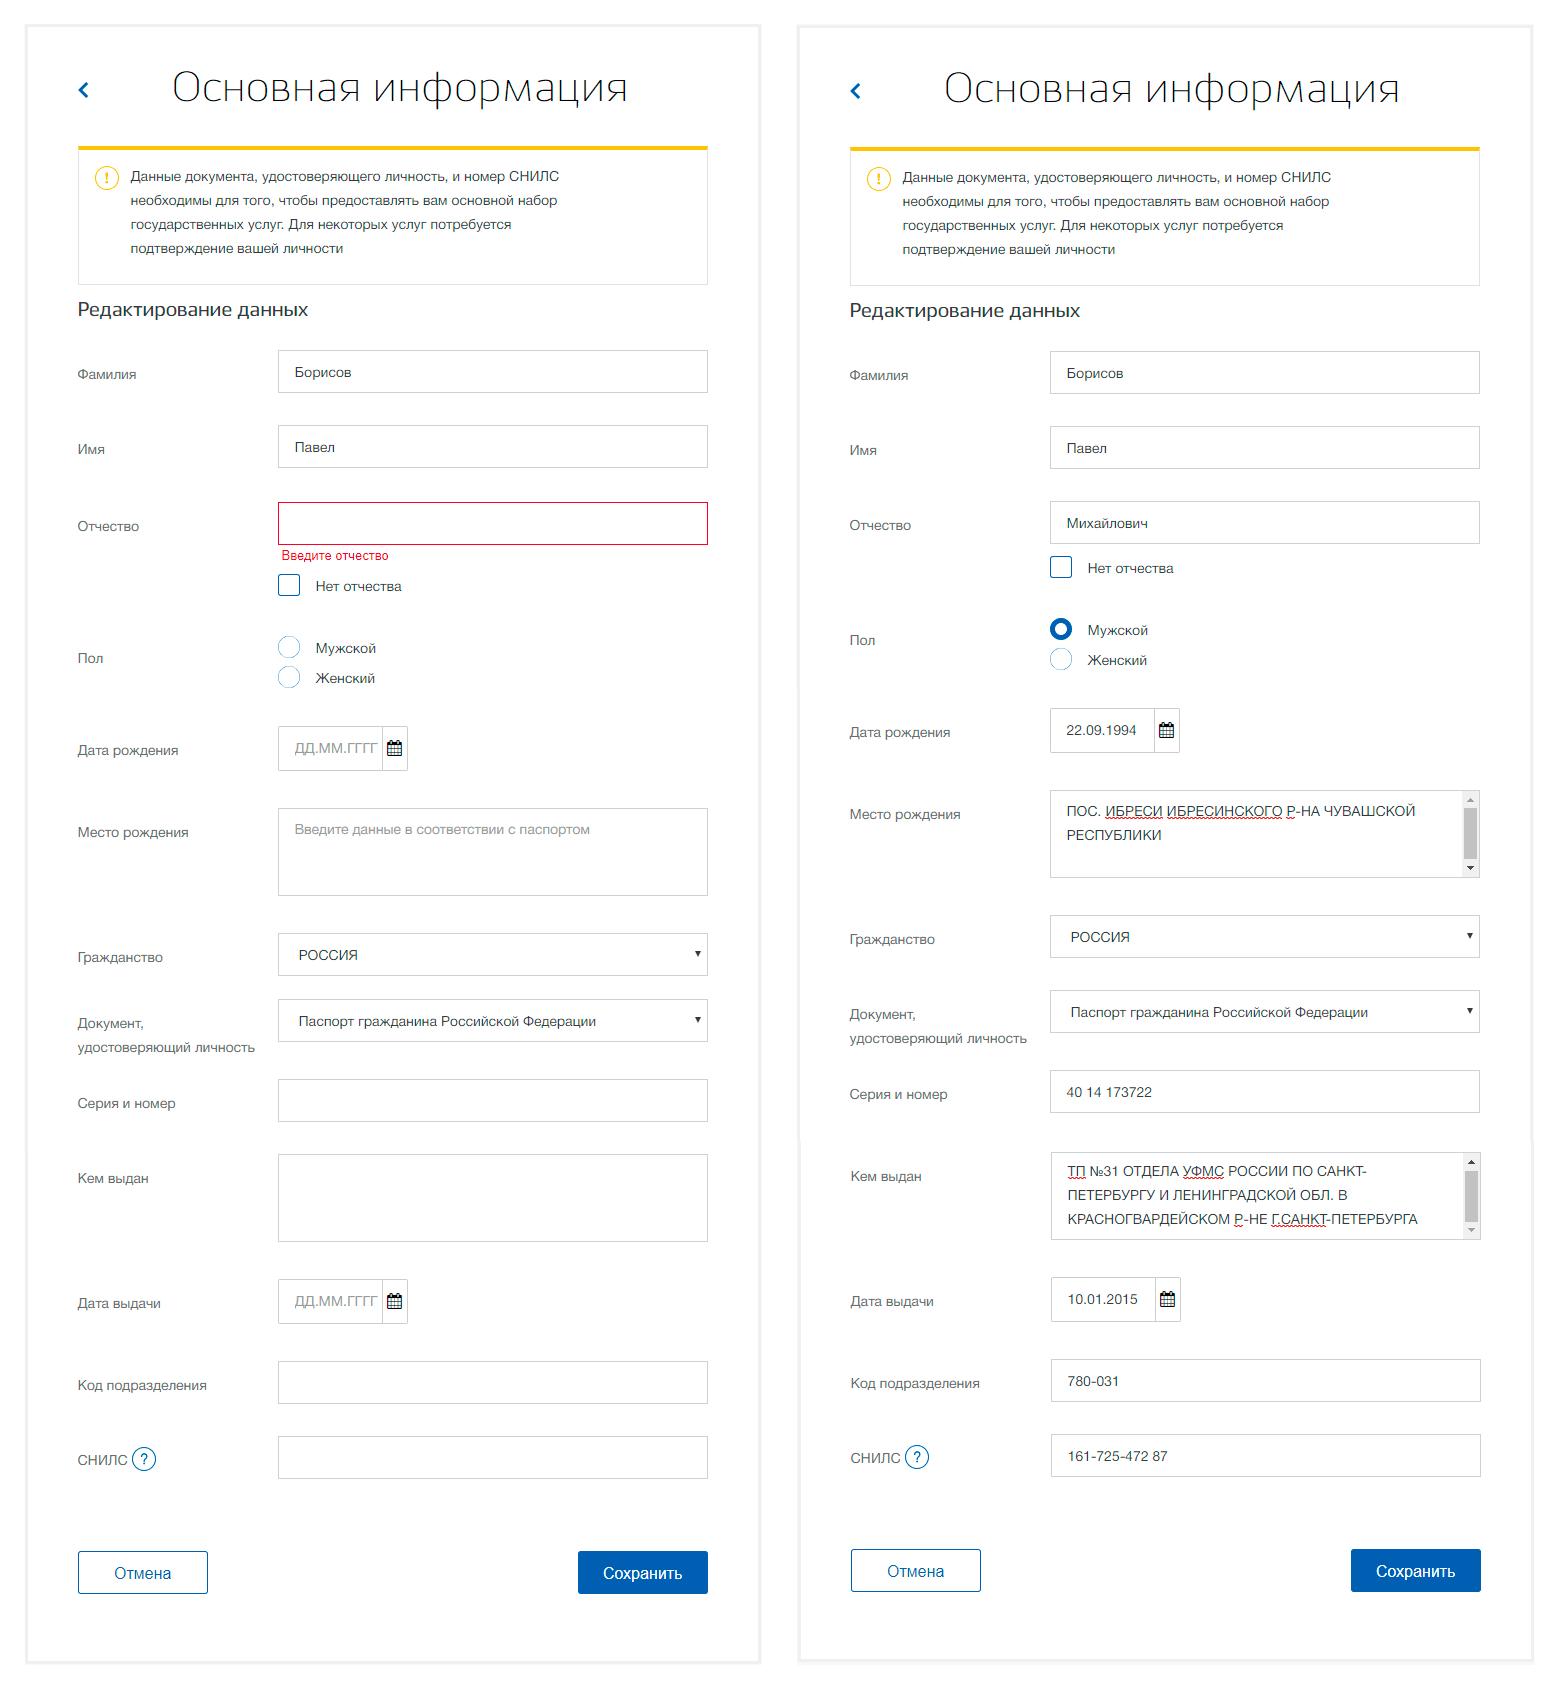 проверка учетной записи на портале госуслугни